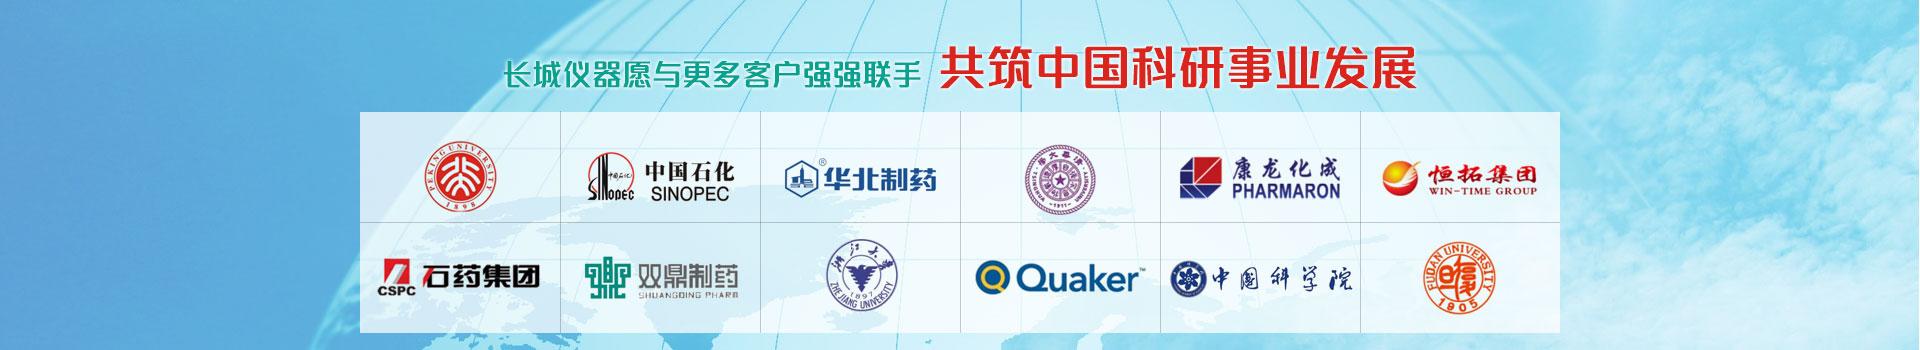 龙8仪器愿与更多客户强强联手,共筑中国科研事业发展